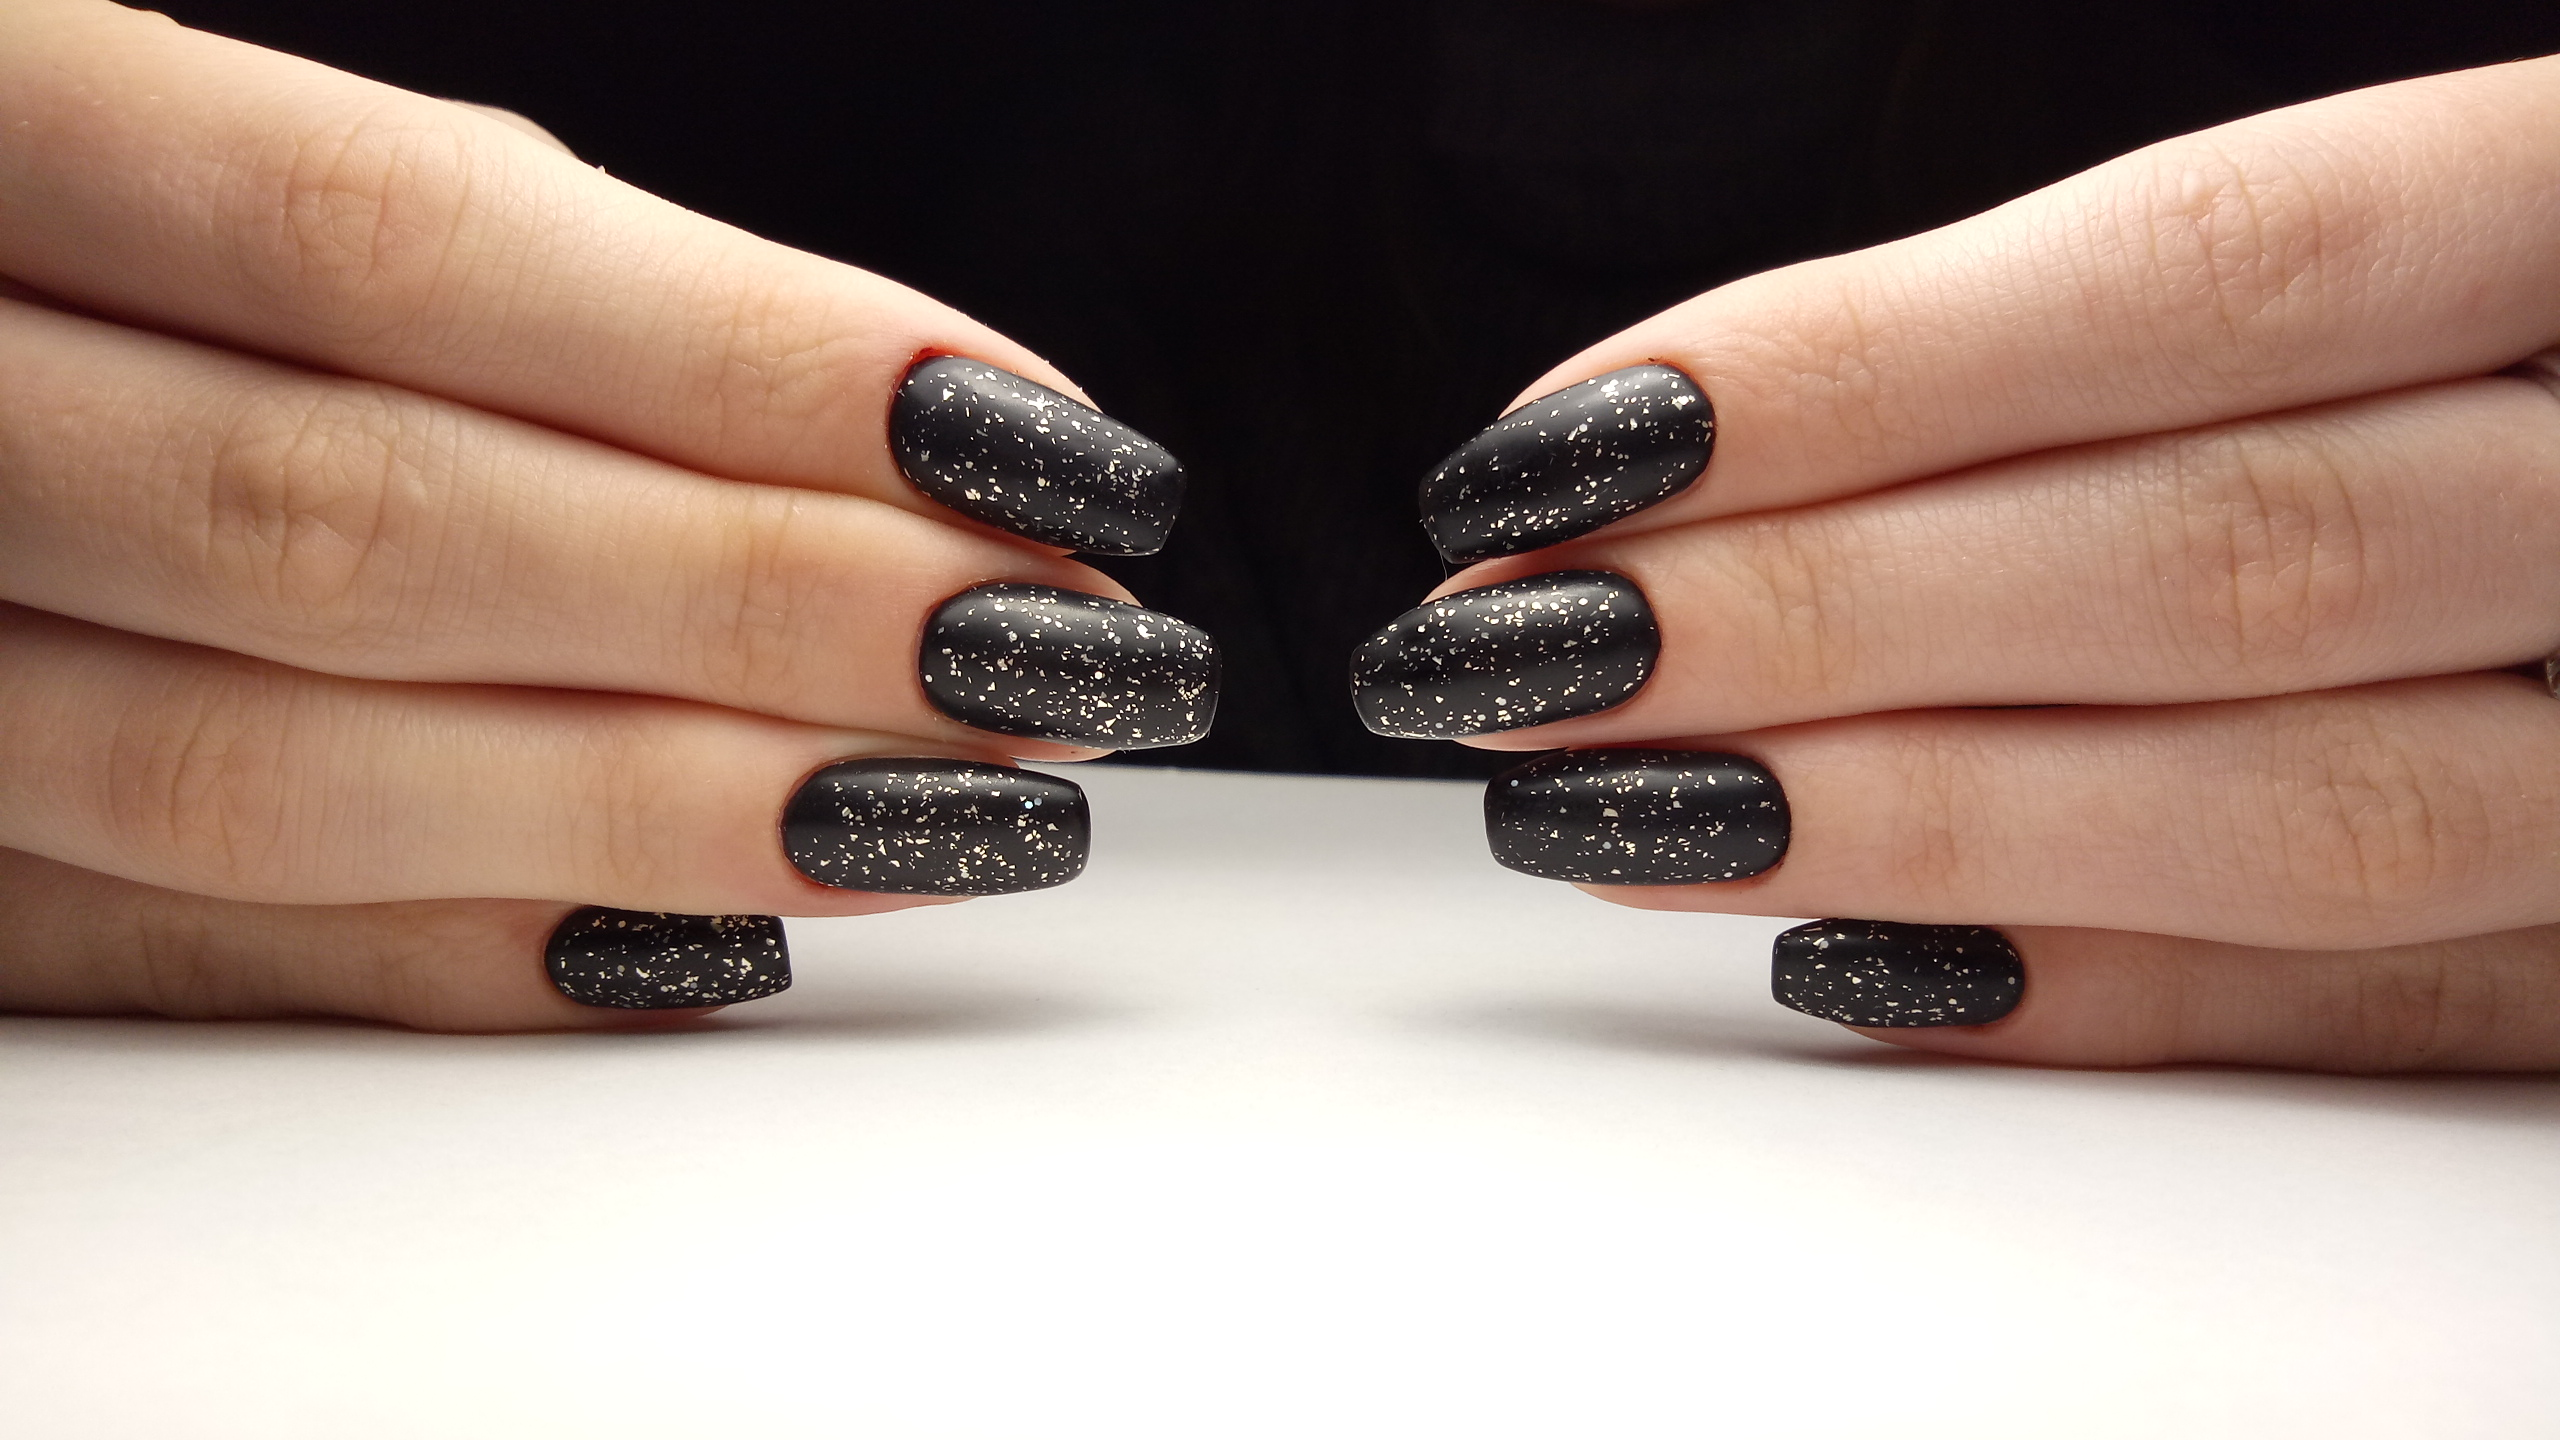 Матовый маникюр в чёрном цвете с блёстками.